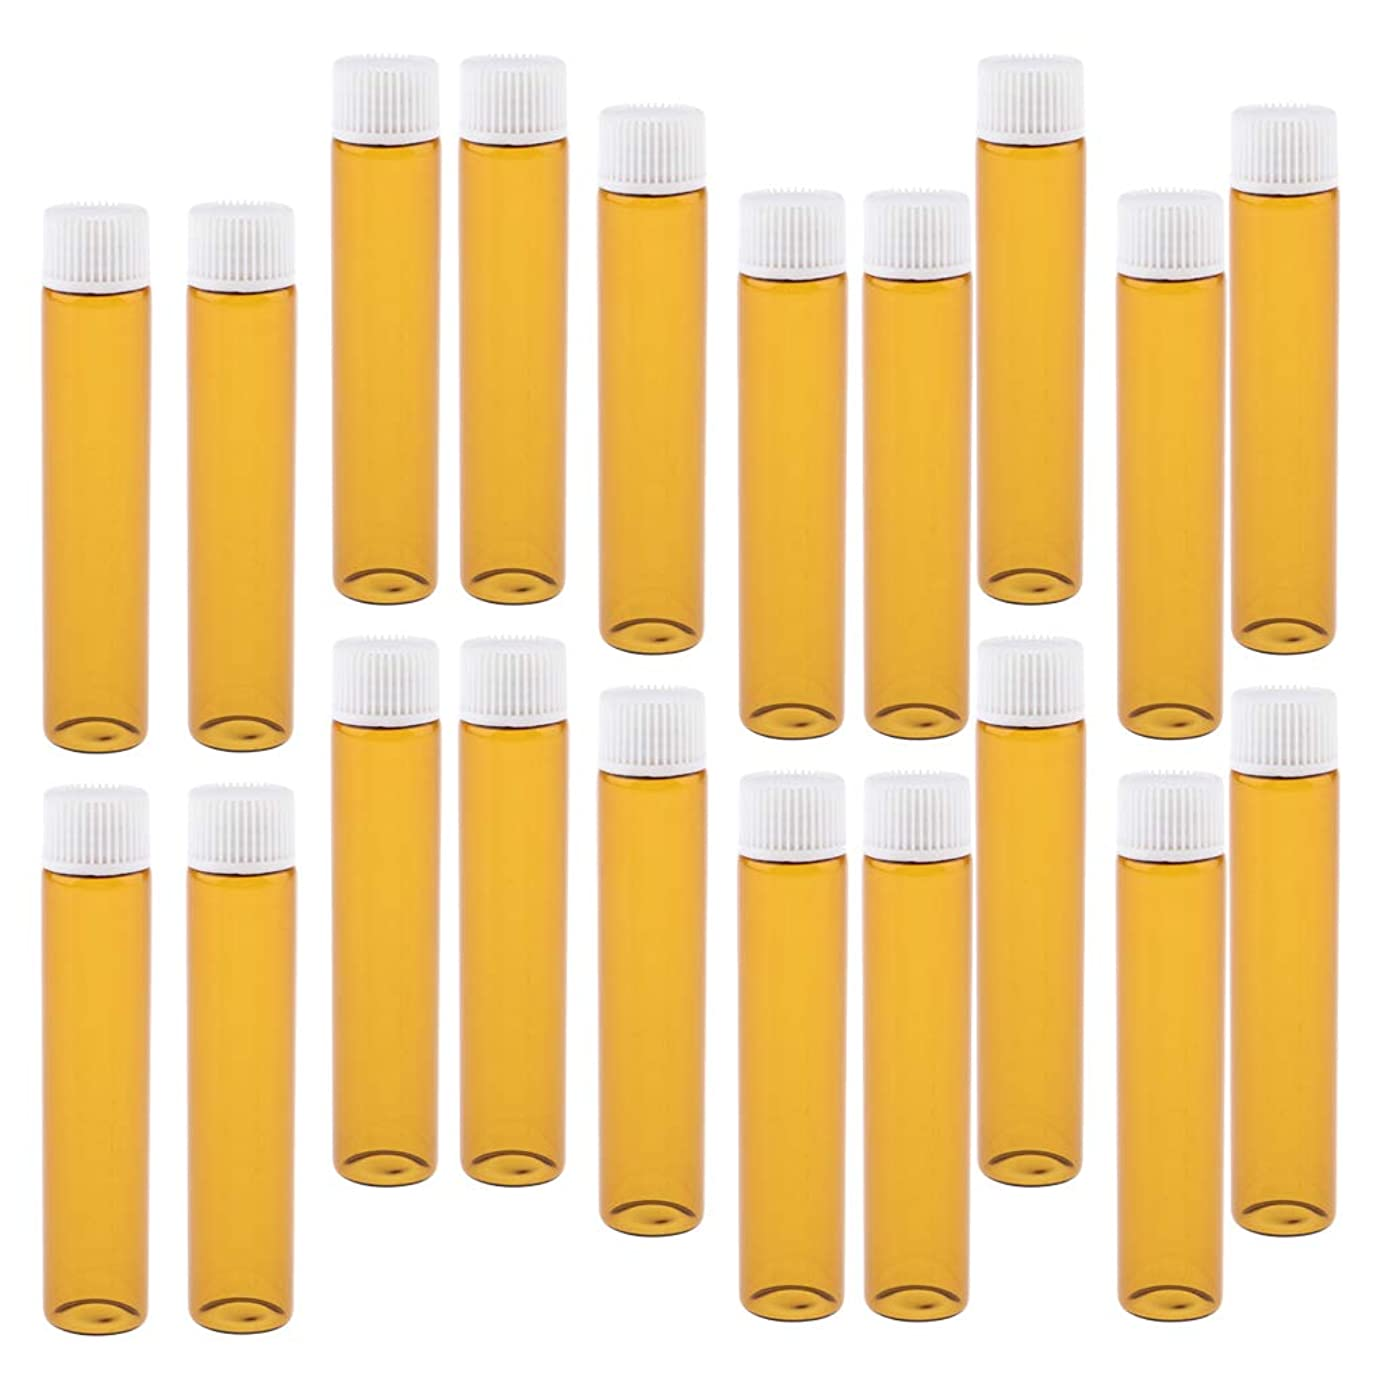 ランプオーナメント無心Sharplace 詰替え容器 香水ボトル ガラスボトル 小分け容器 小分けボトル ガラス製 20個 全4色 - ホワイト